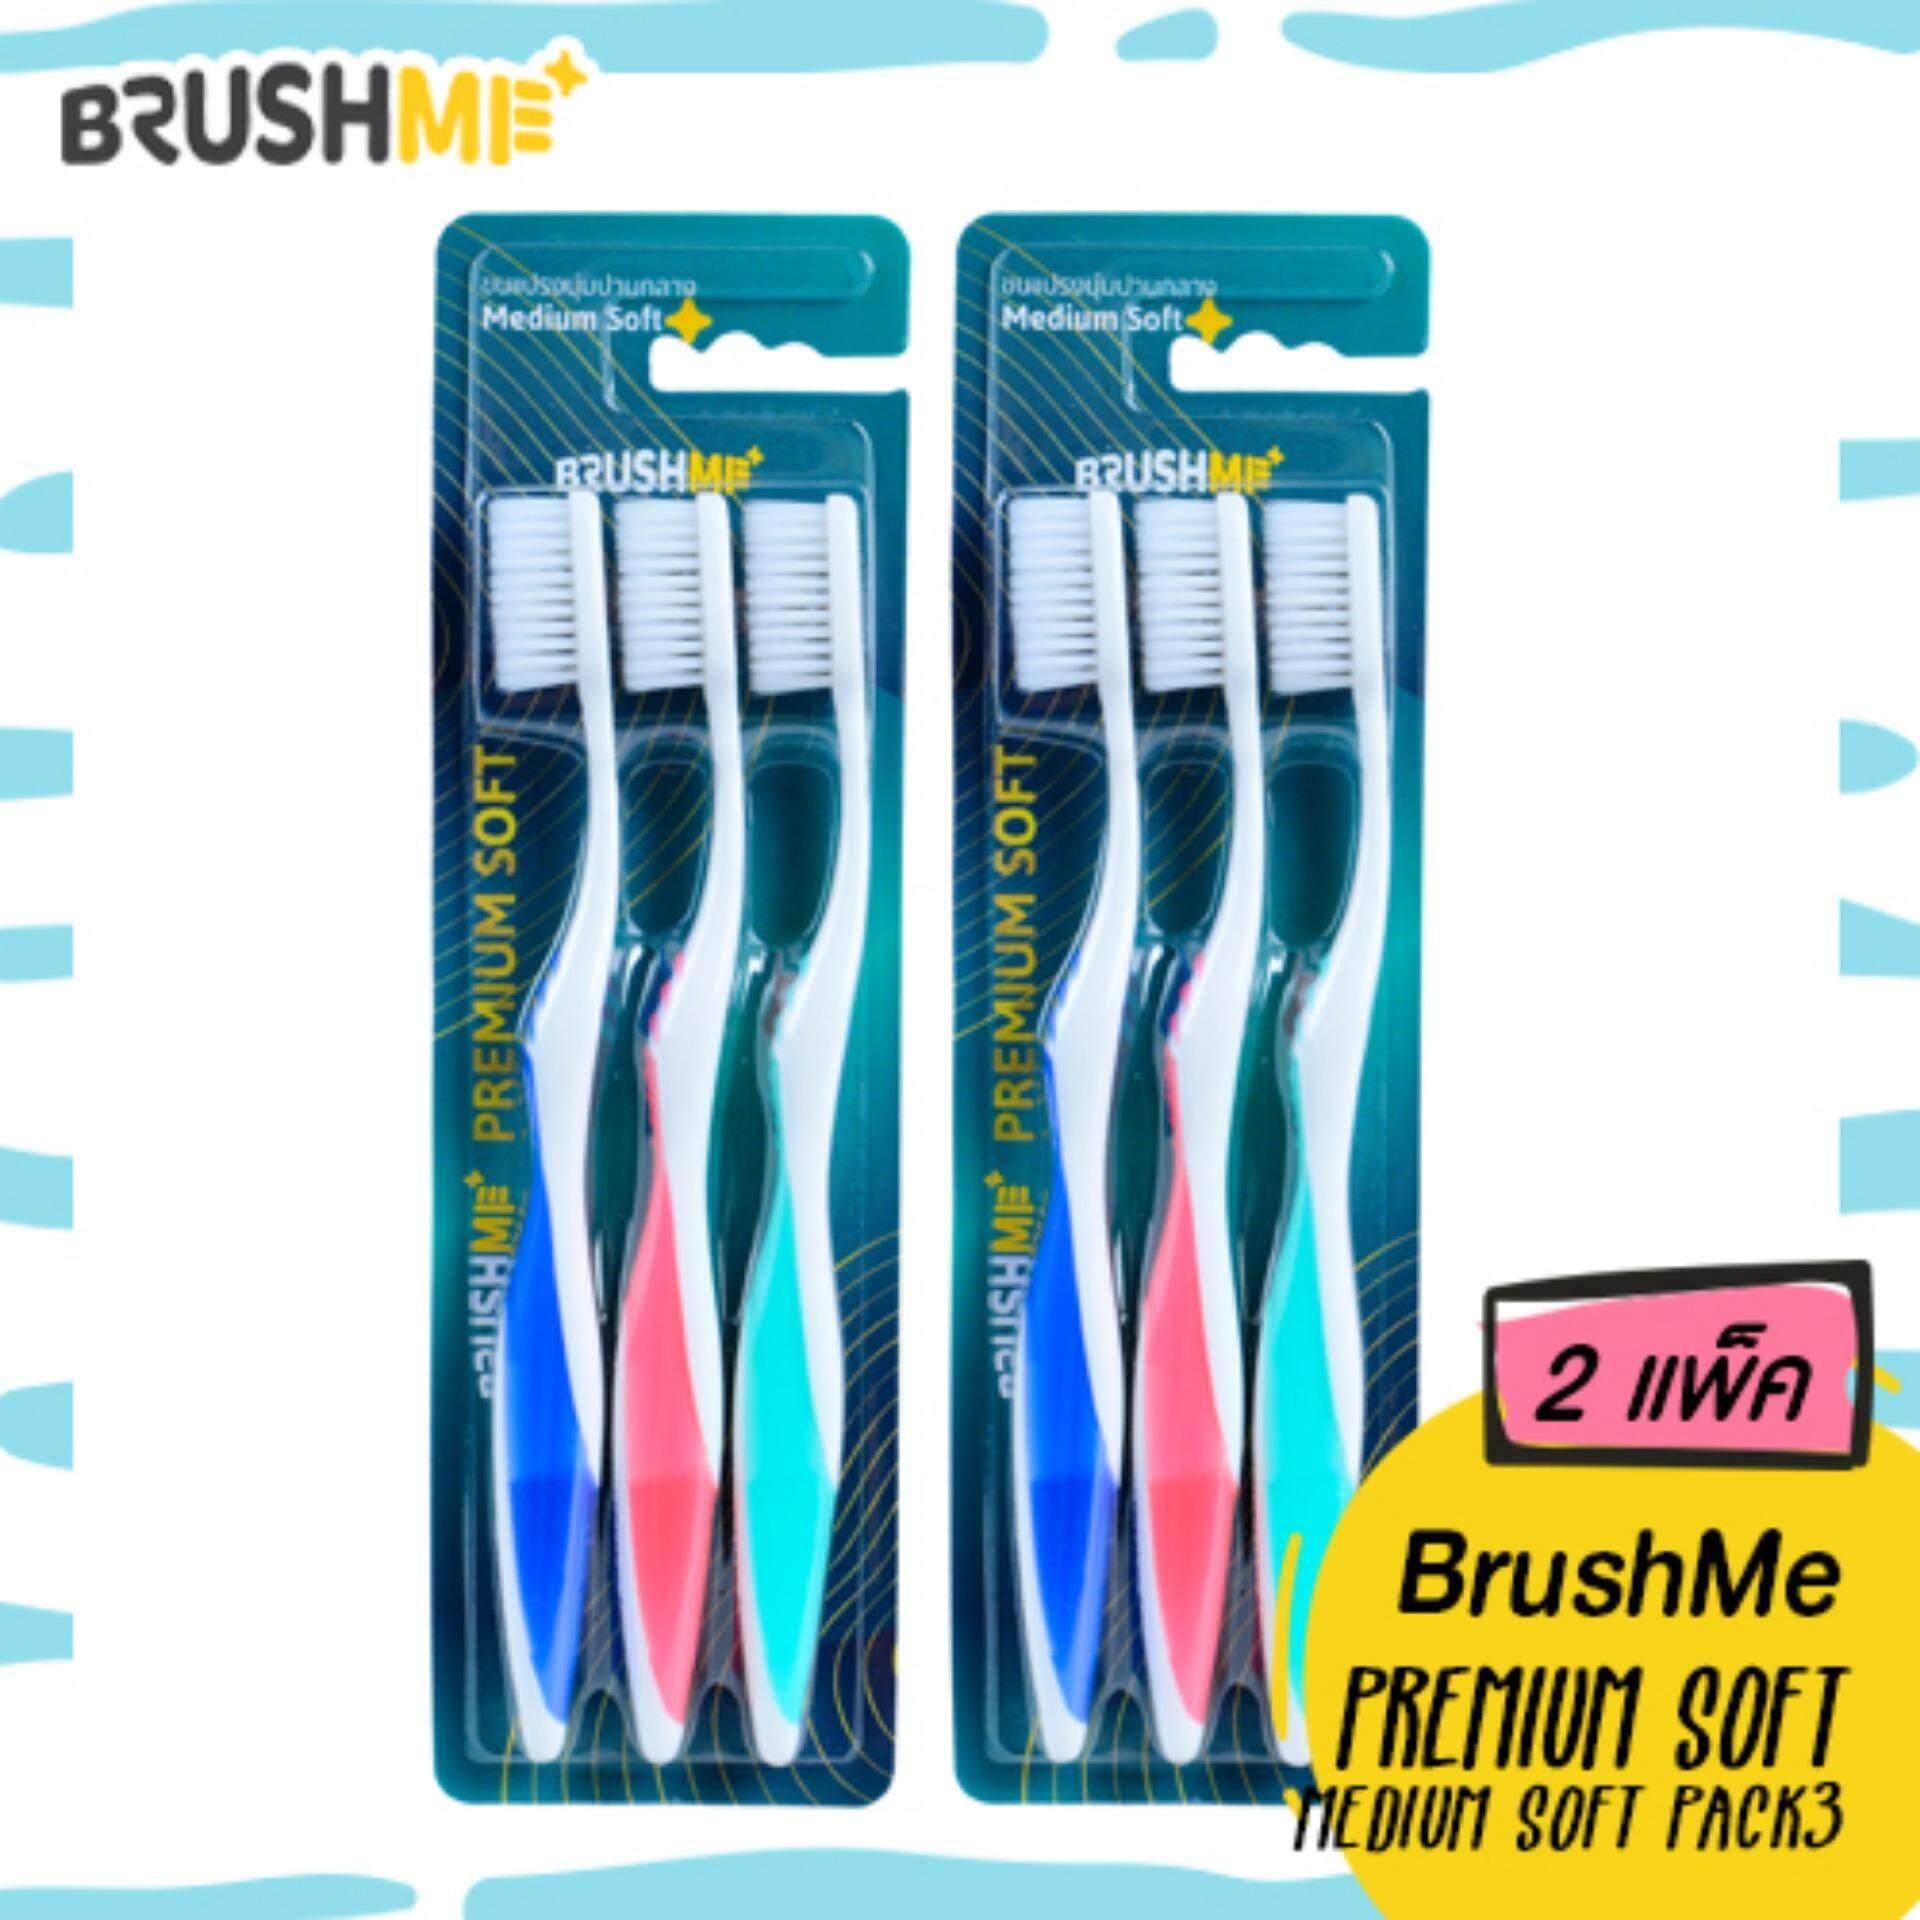 แปรงสีฟันบลัชมี รุ่นPremiumSoftMediumSoftP3. 2 แพ็ค